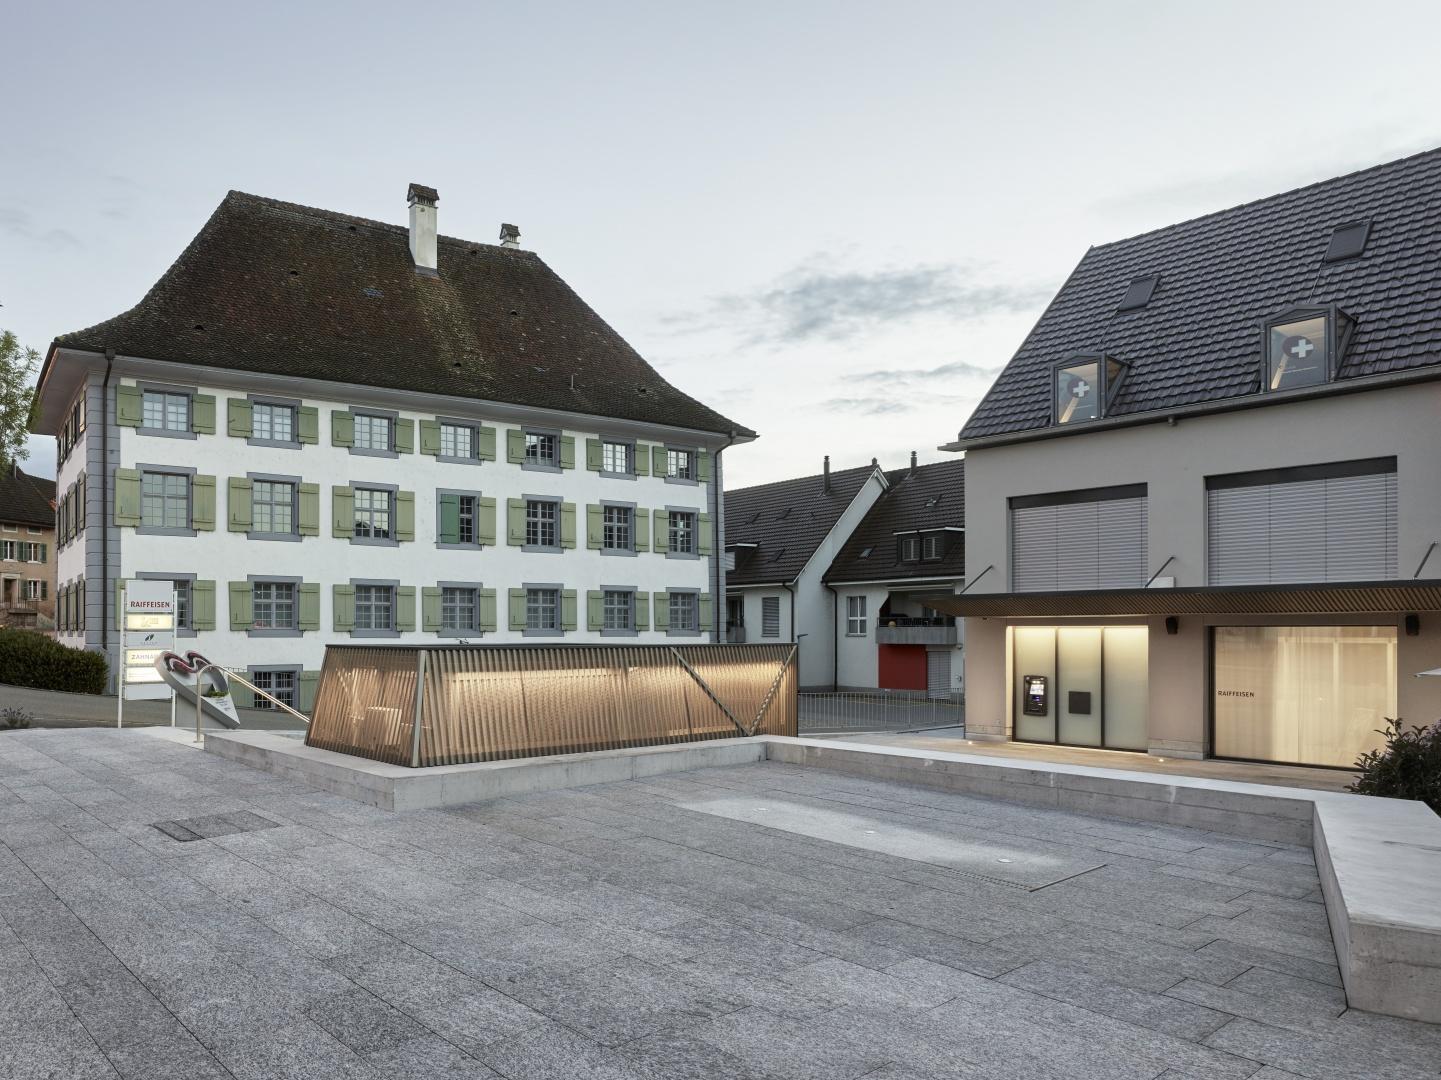 Strassenseitiger Platzteil und Kornhaus © Christian Beutler, Im Sydefädeli 3, 8037 Zürich